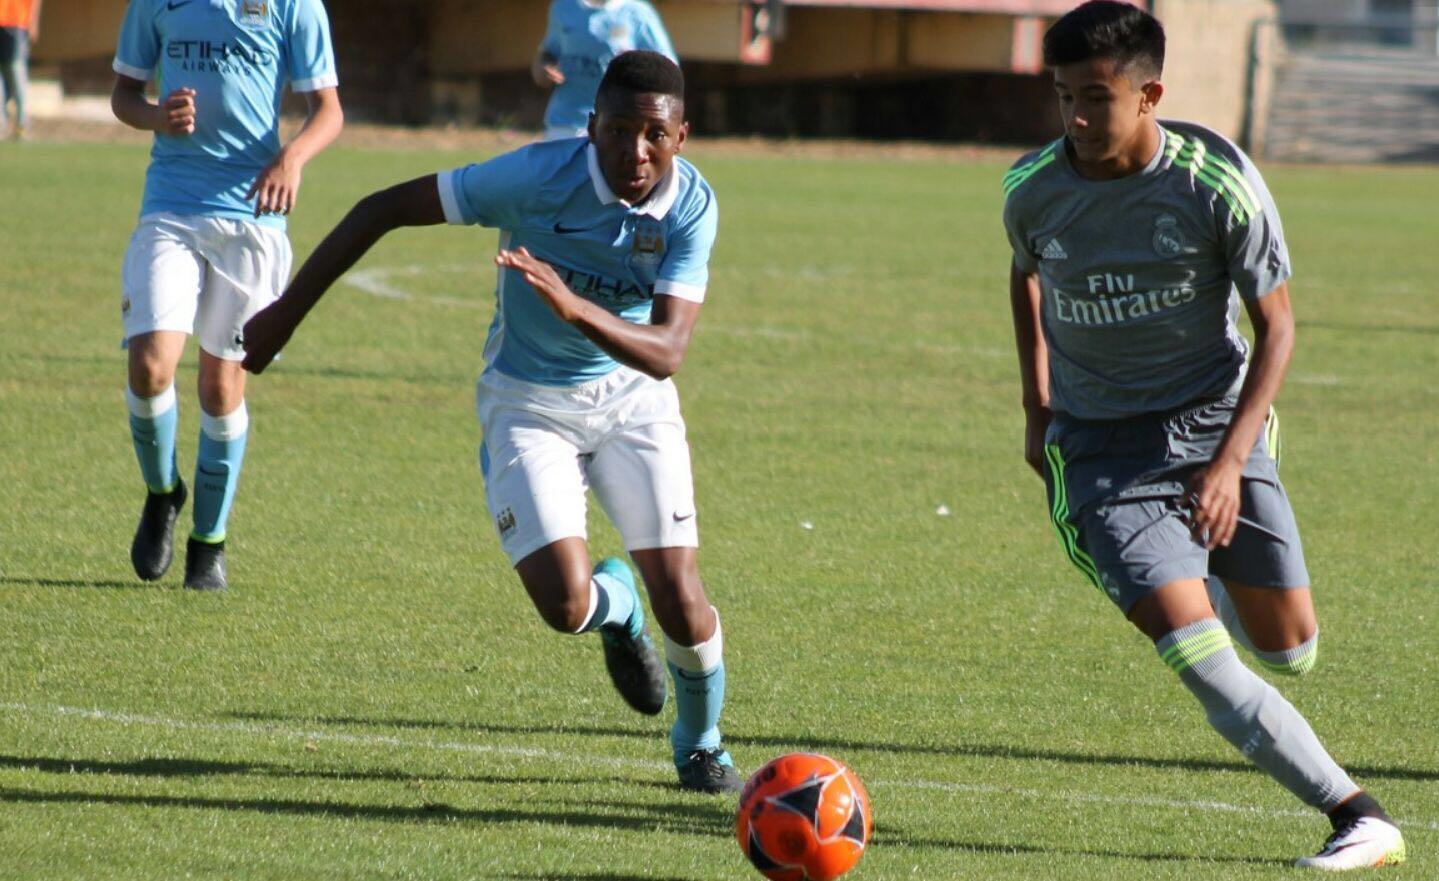 Mario, en uno de los partidos disputados con el Real Madrid (Foto: Fútbol Pitiuso).